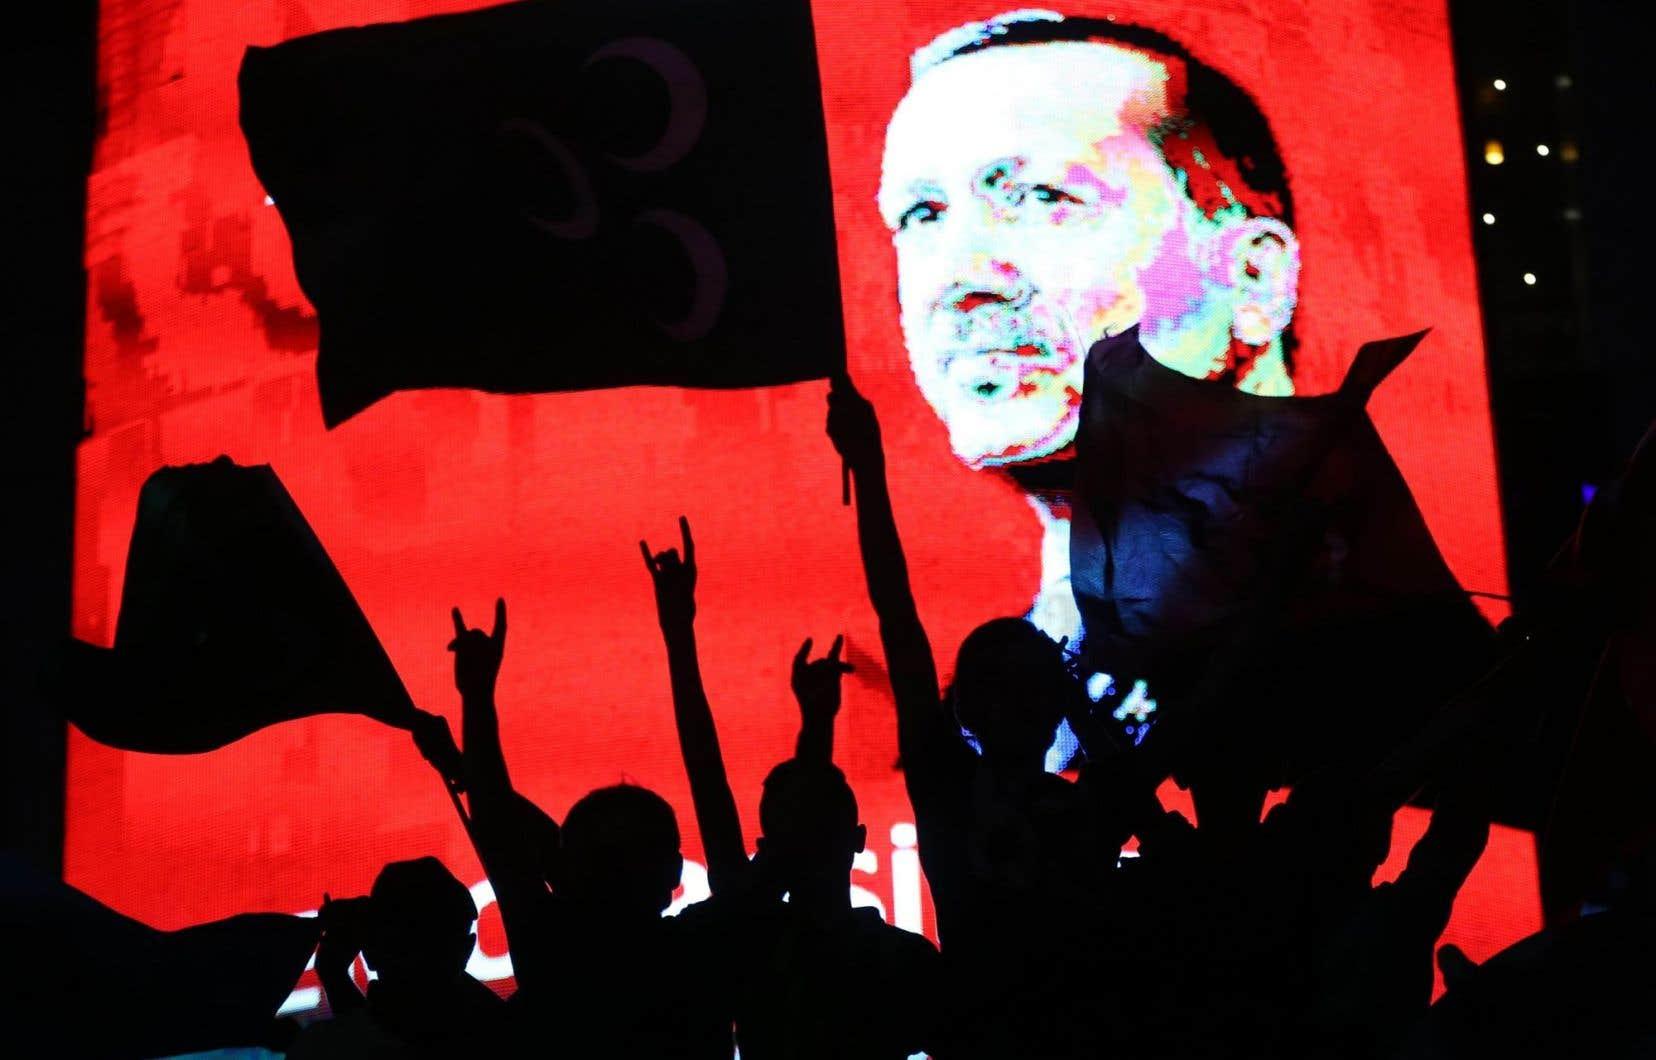 Le visage du président Erdogan apparaît sur un écran lors d'une manifestation en faveur du gouvernement à Ankara. Le régime a appelé les habitants à montrer leur soutien après la tentative de coup d'État.